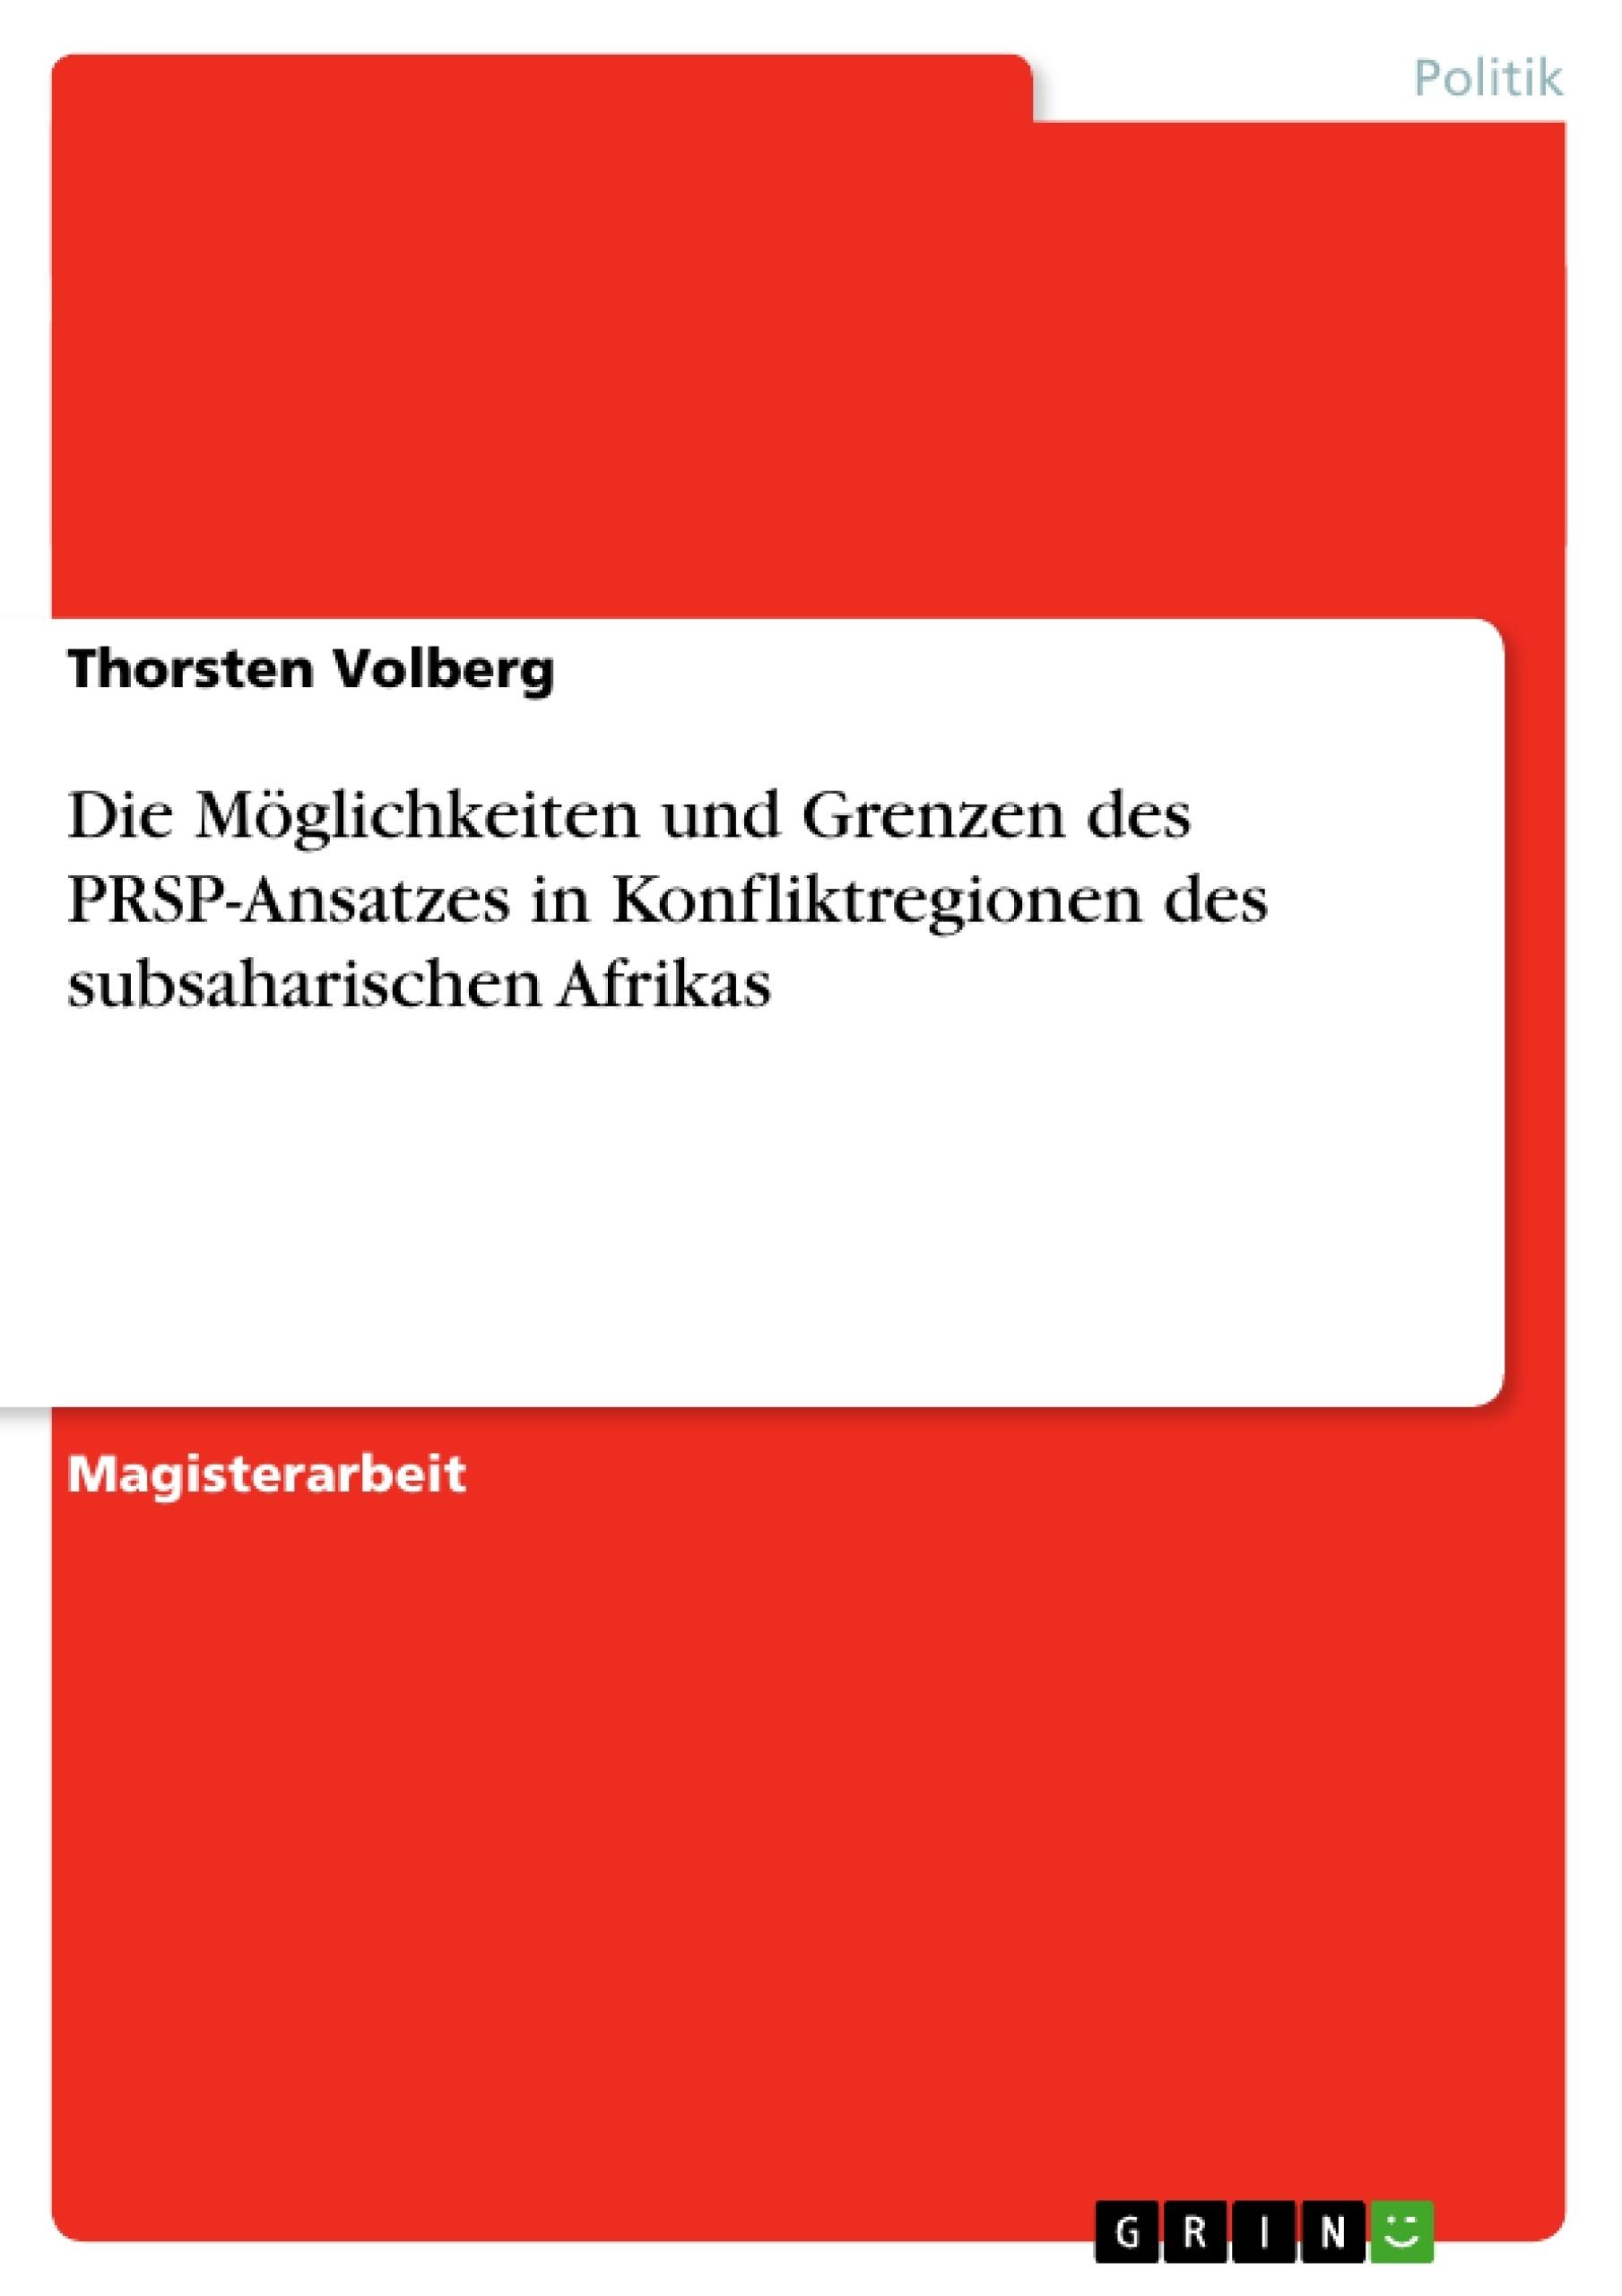 Titel: Die Möglichkeiten und Grenzen des PRSP-Ansatzes in Konfliktregionen des subsaharischen Afrikas